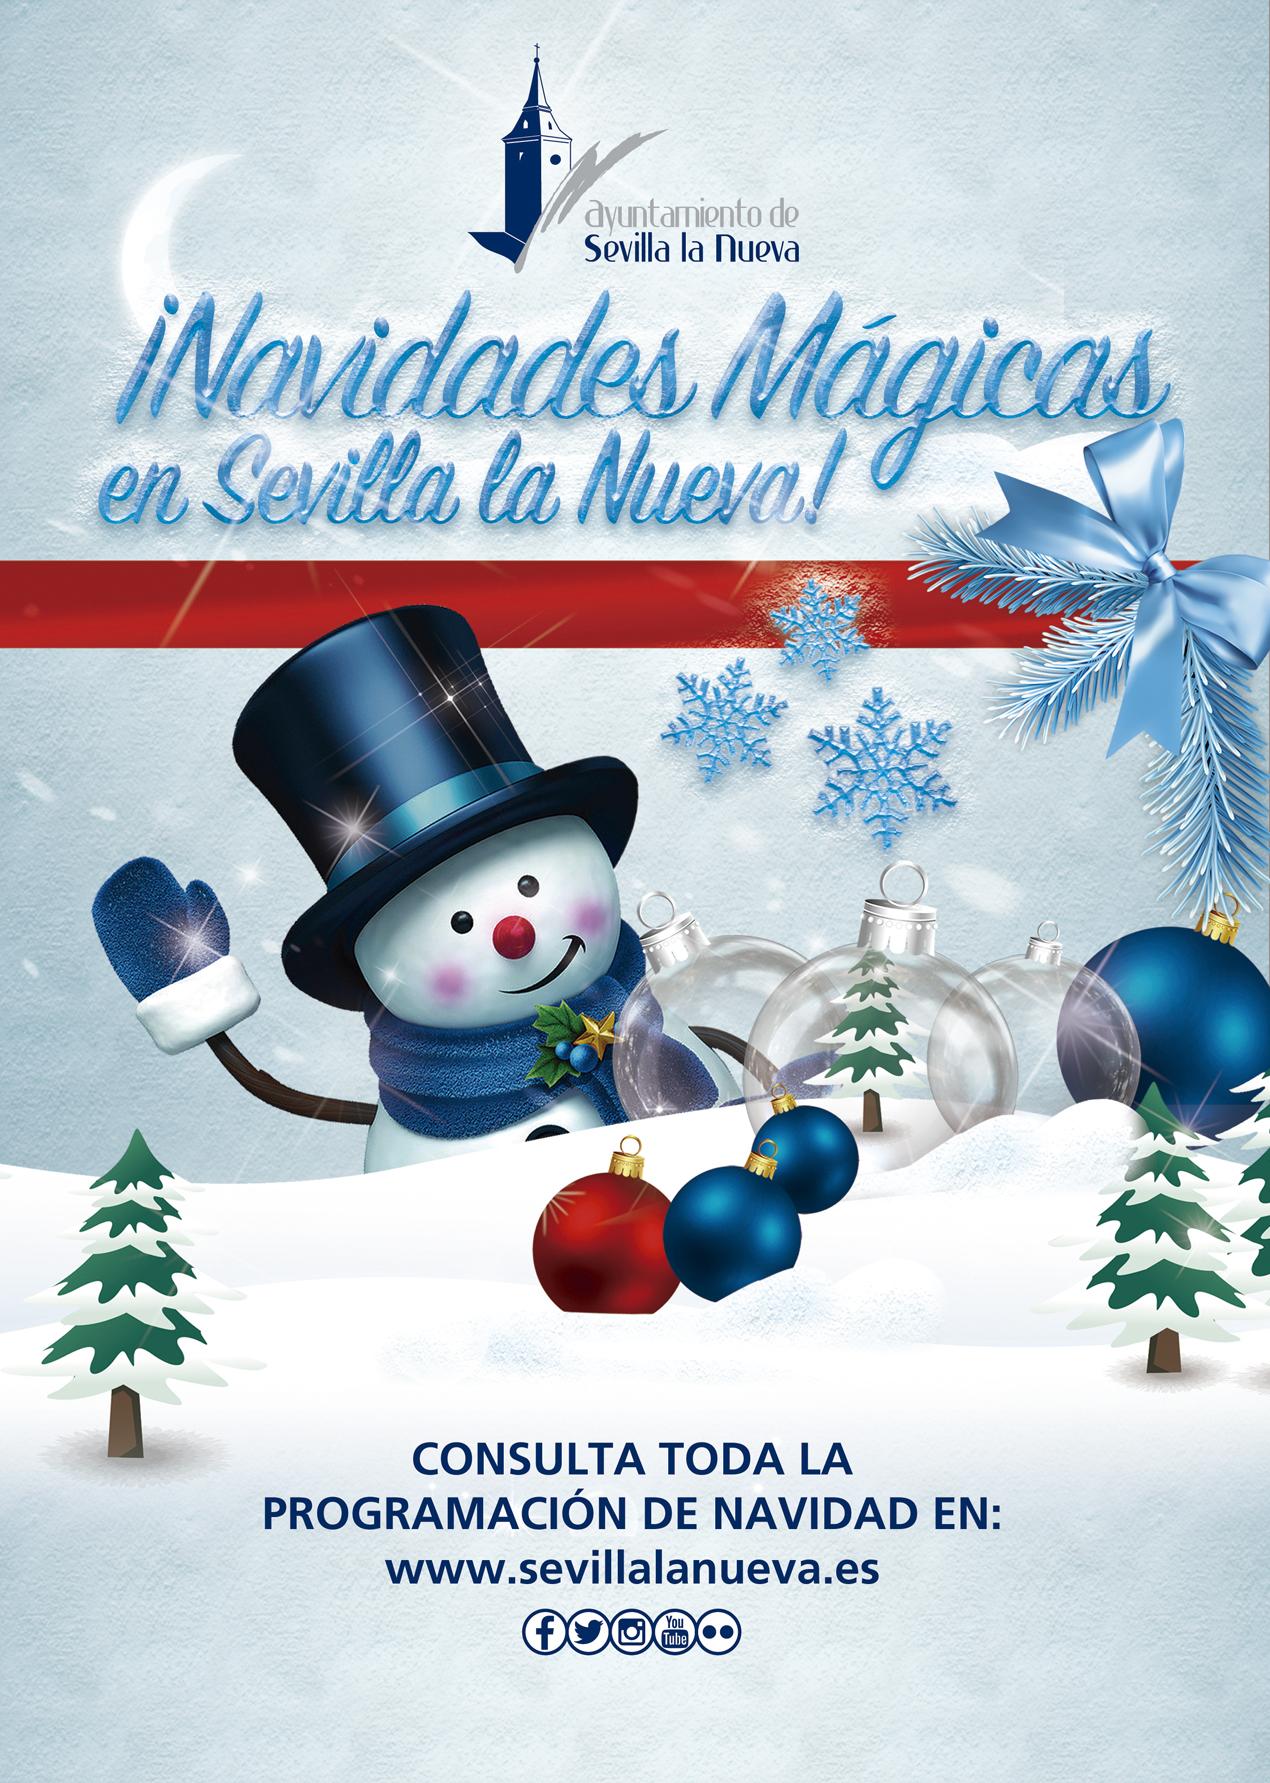 Encendido Alumbrado Navideño, Belén Municipal y Cartero Real @ Plaza de España